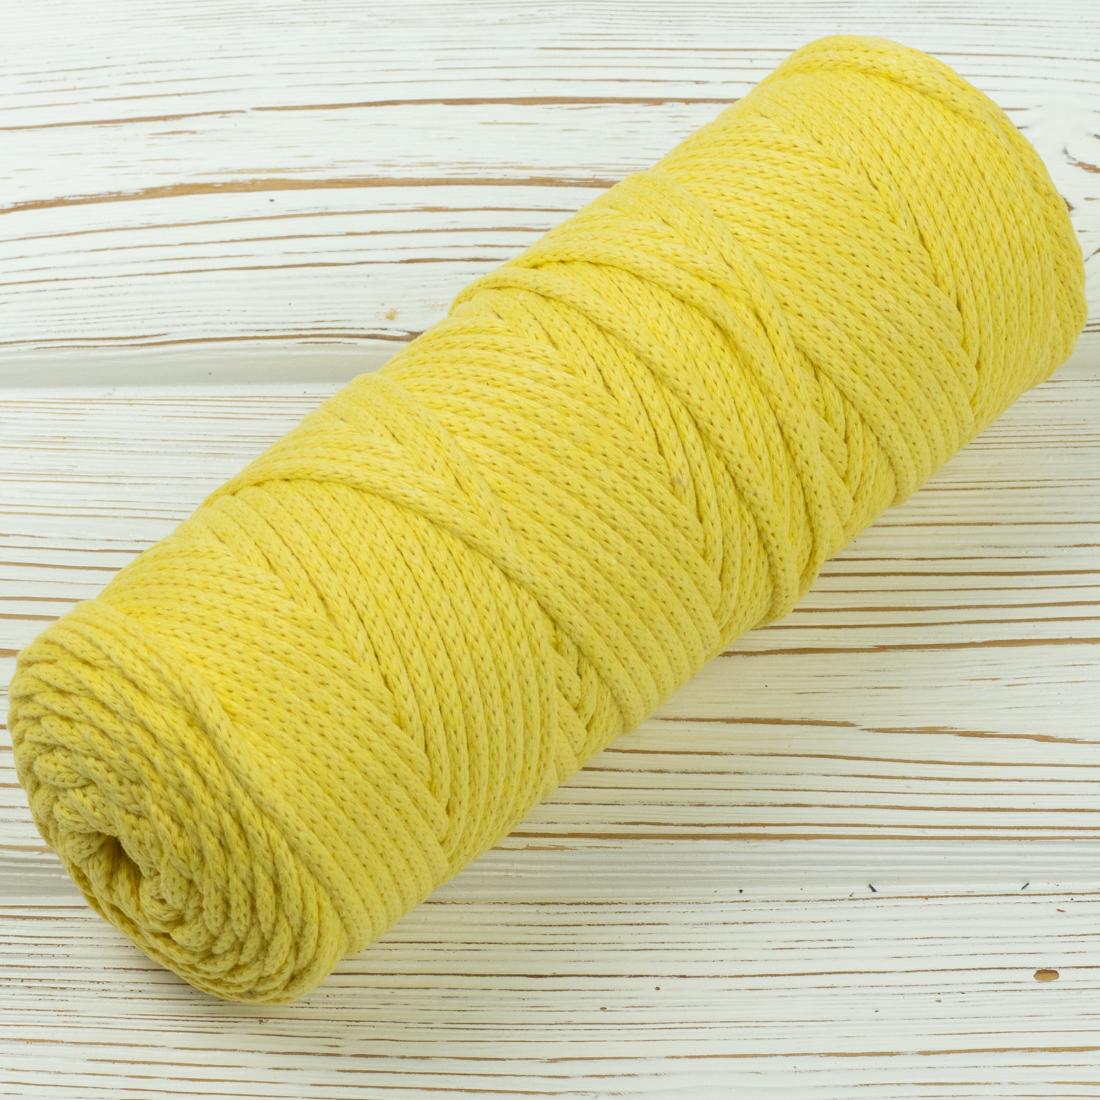 Хлопковый шнур Шнур 4мм Желтый IMG_6009.jpg